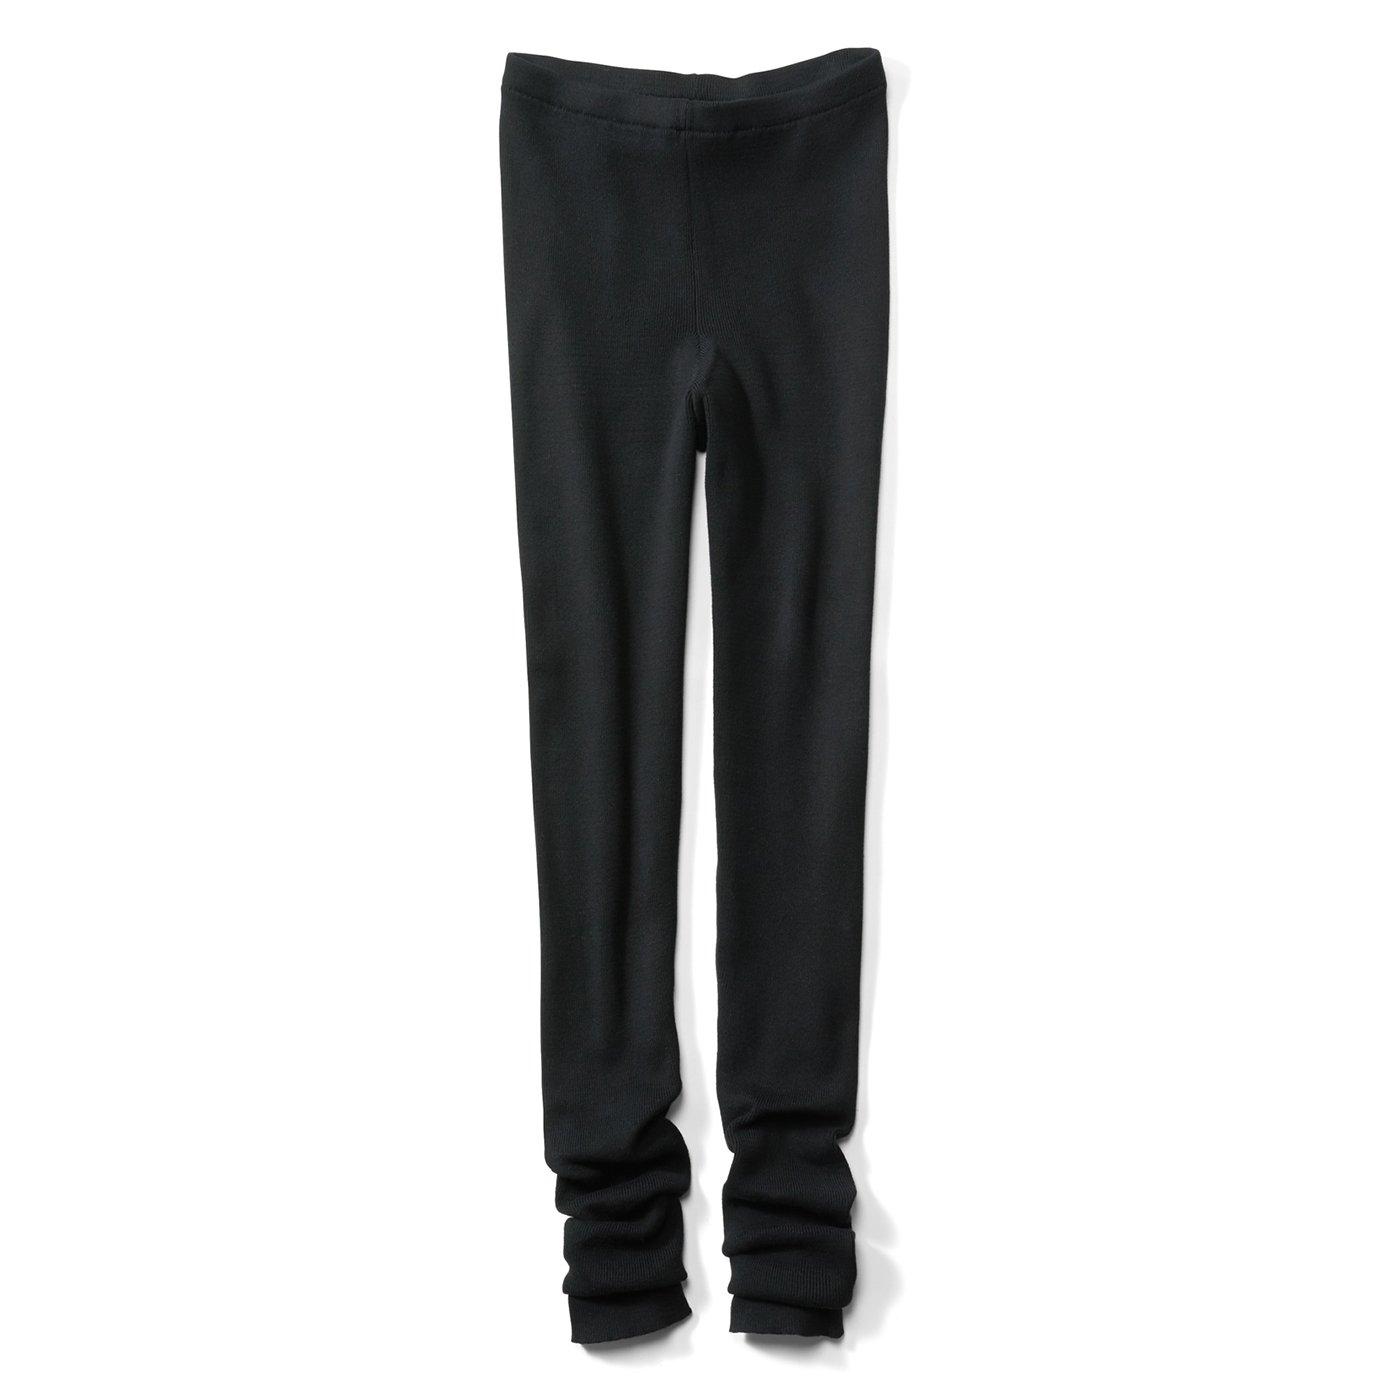 IEDIT[イディット] 綿100%素材のやさしく脚を包む 洗練ニットレギンス〈ブラック〉